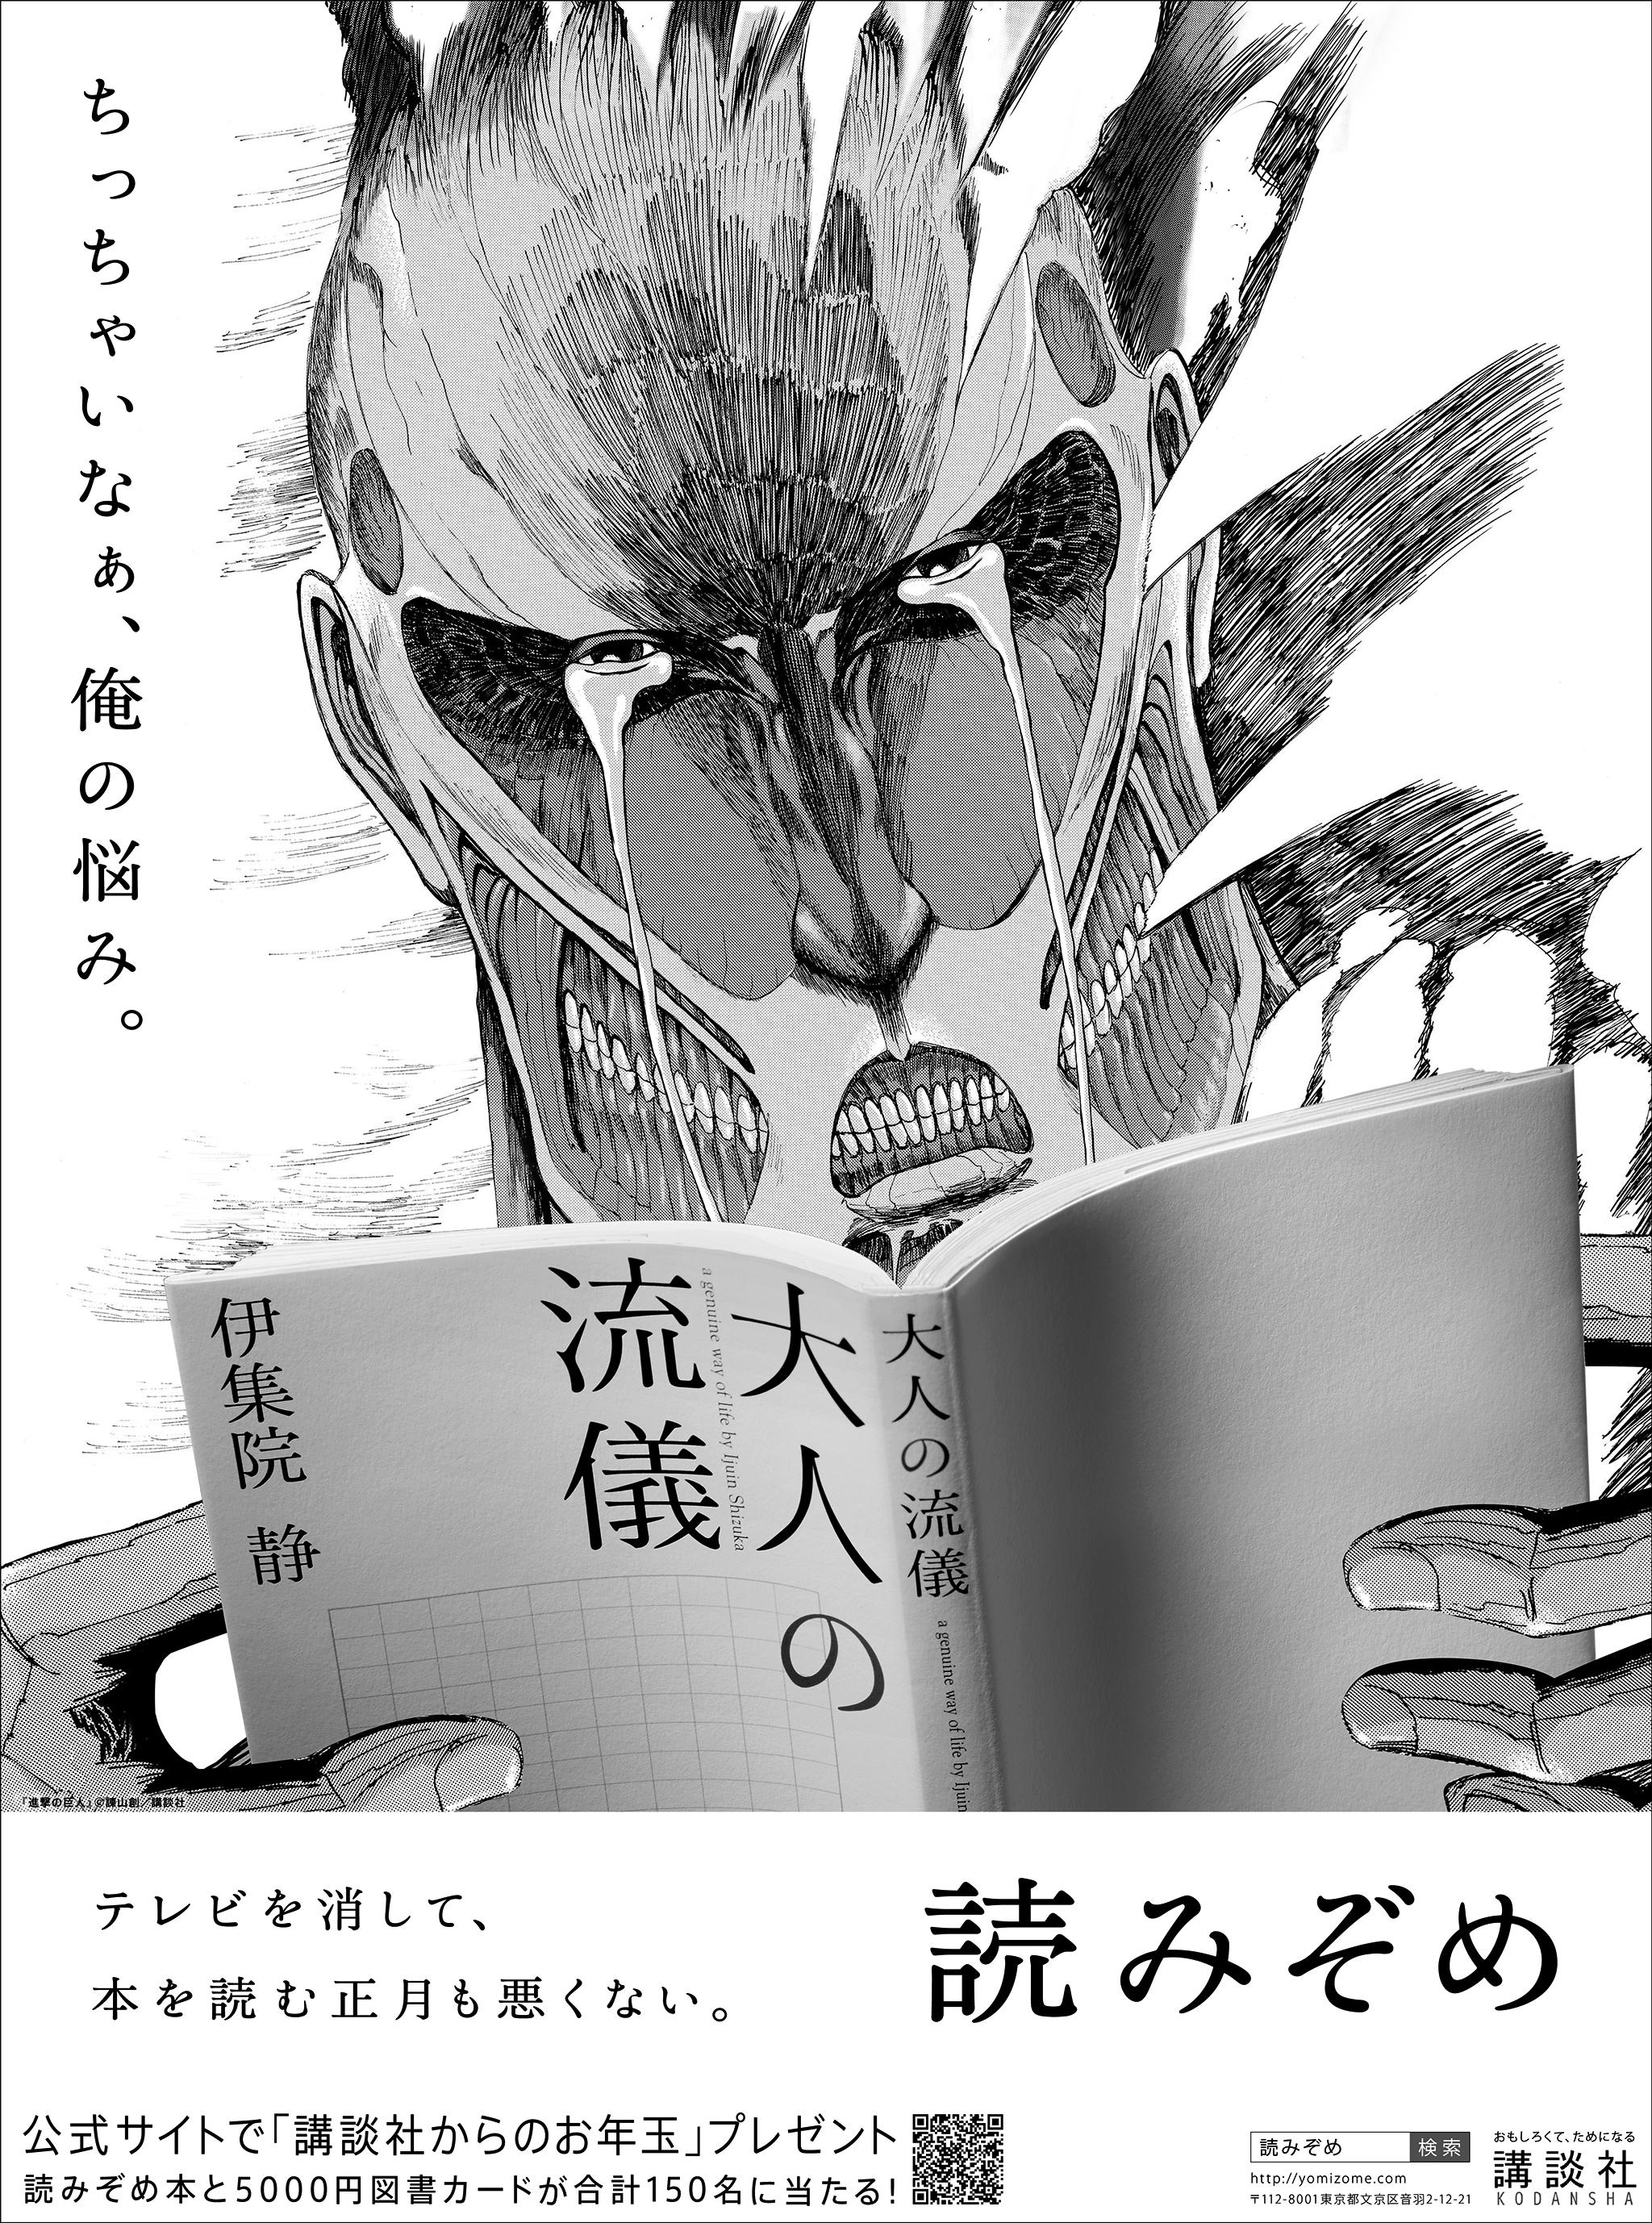 _読みぞめ_新聞15d_161221入稿-01